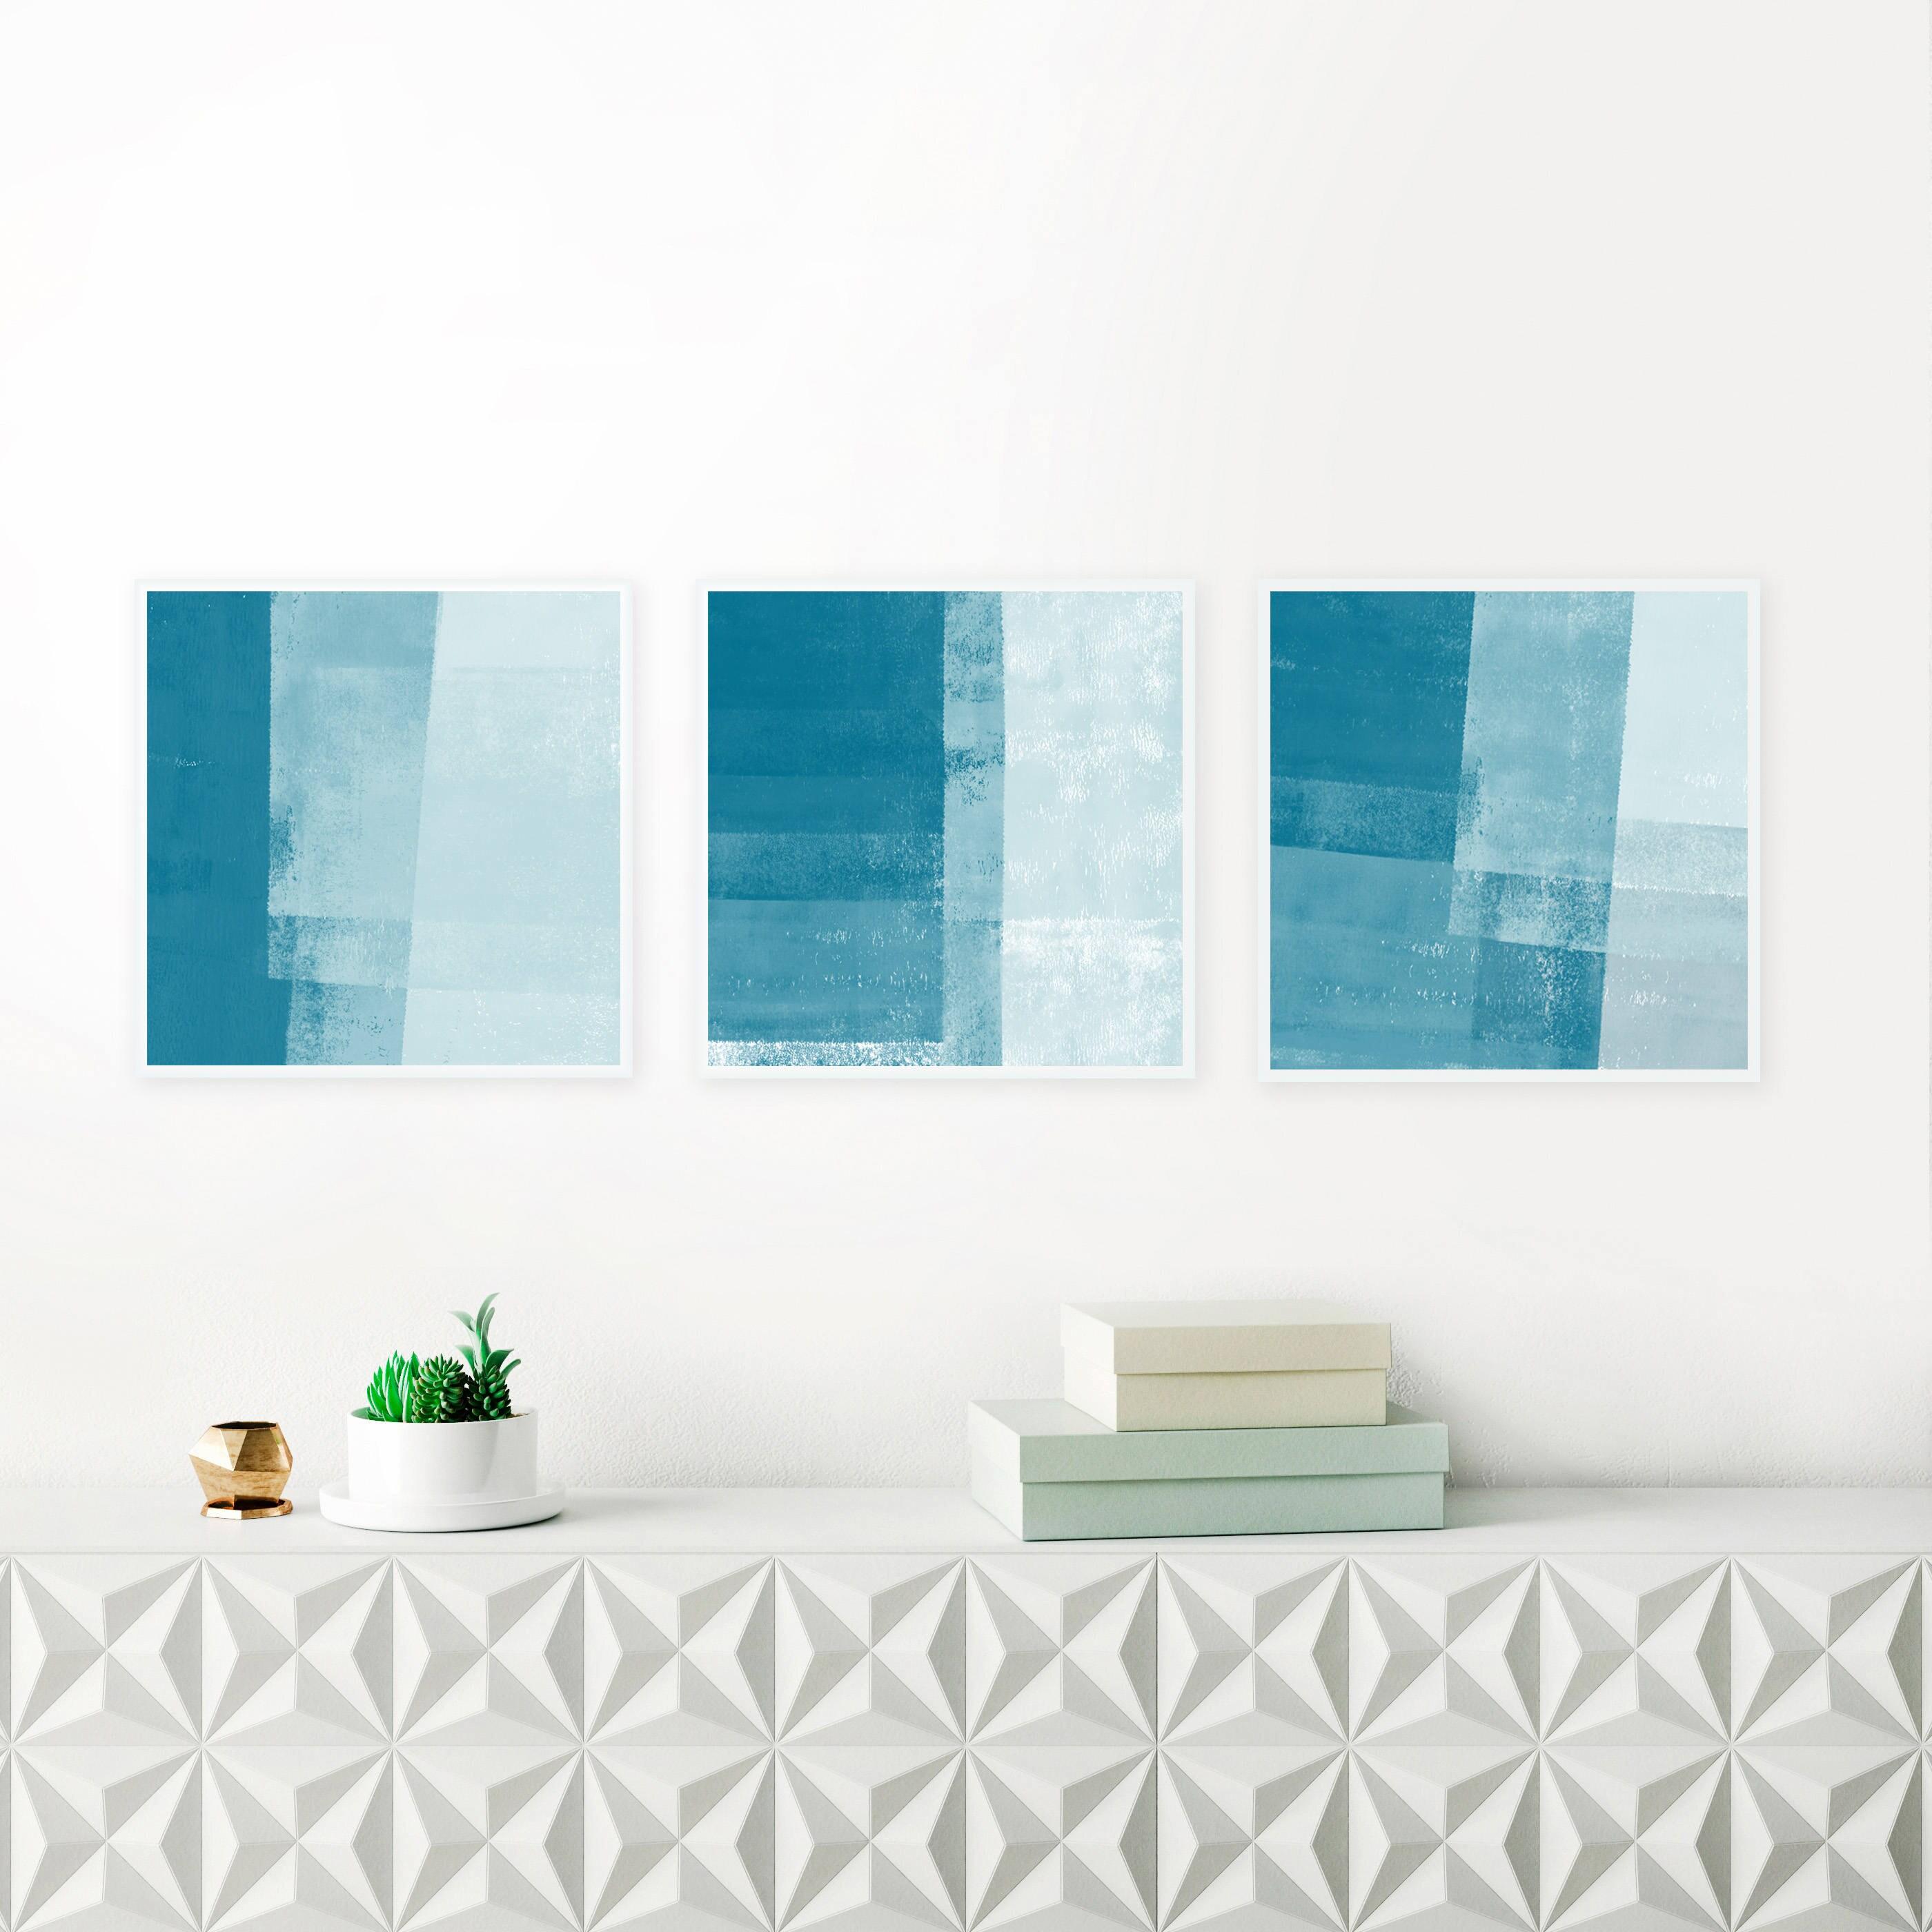 minimalist abstract art set 3 acrylic paintings minimal art prints